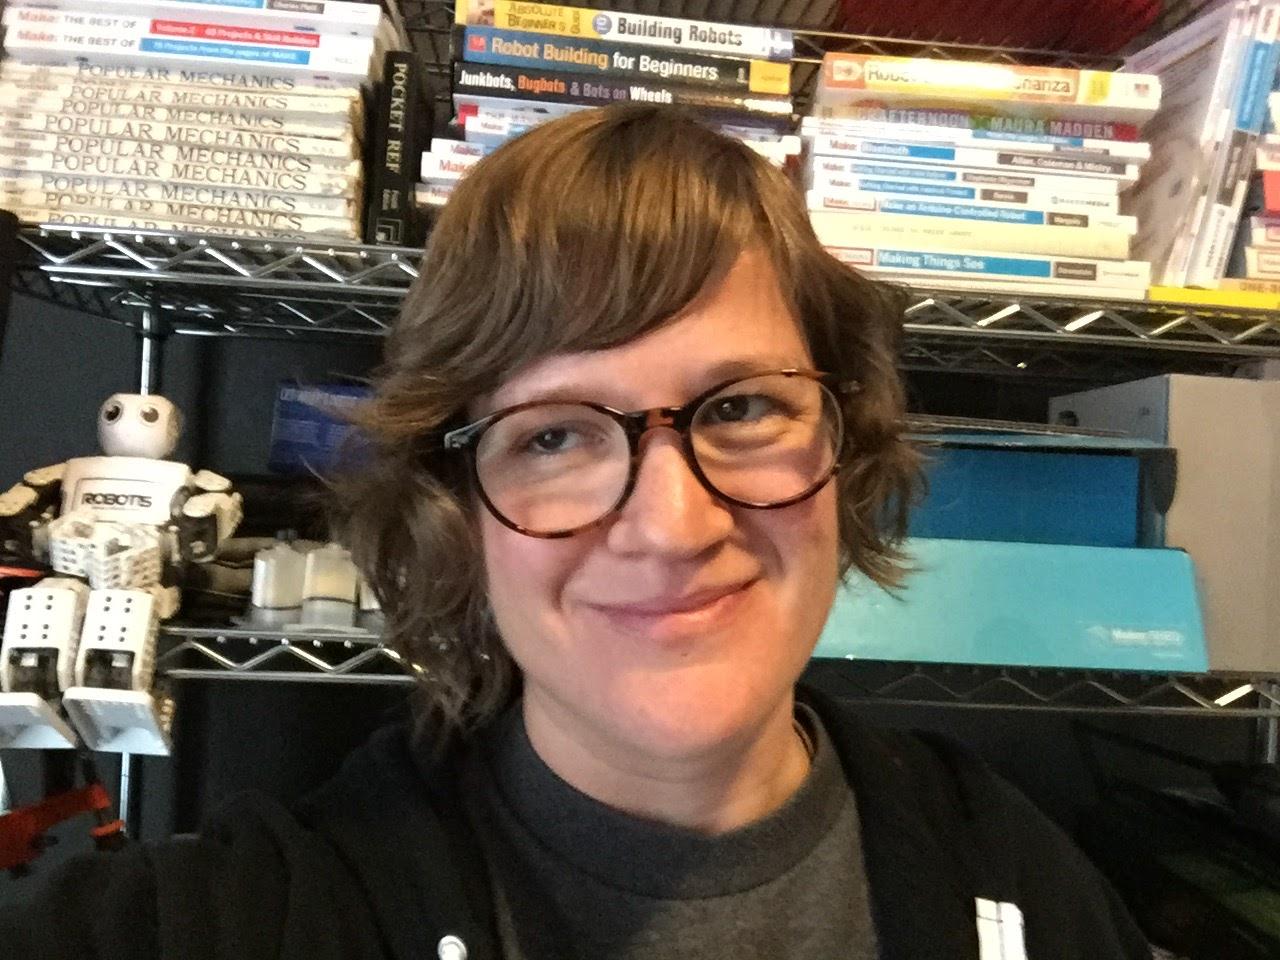 Maker Spotlight: Emily Coker